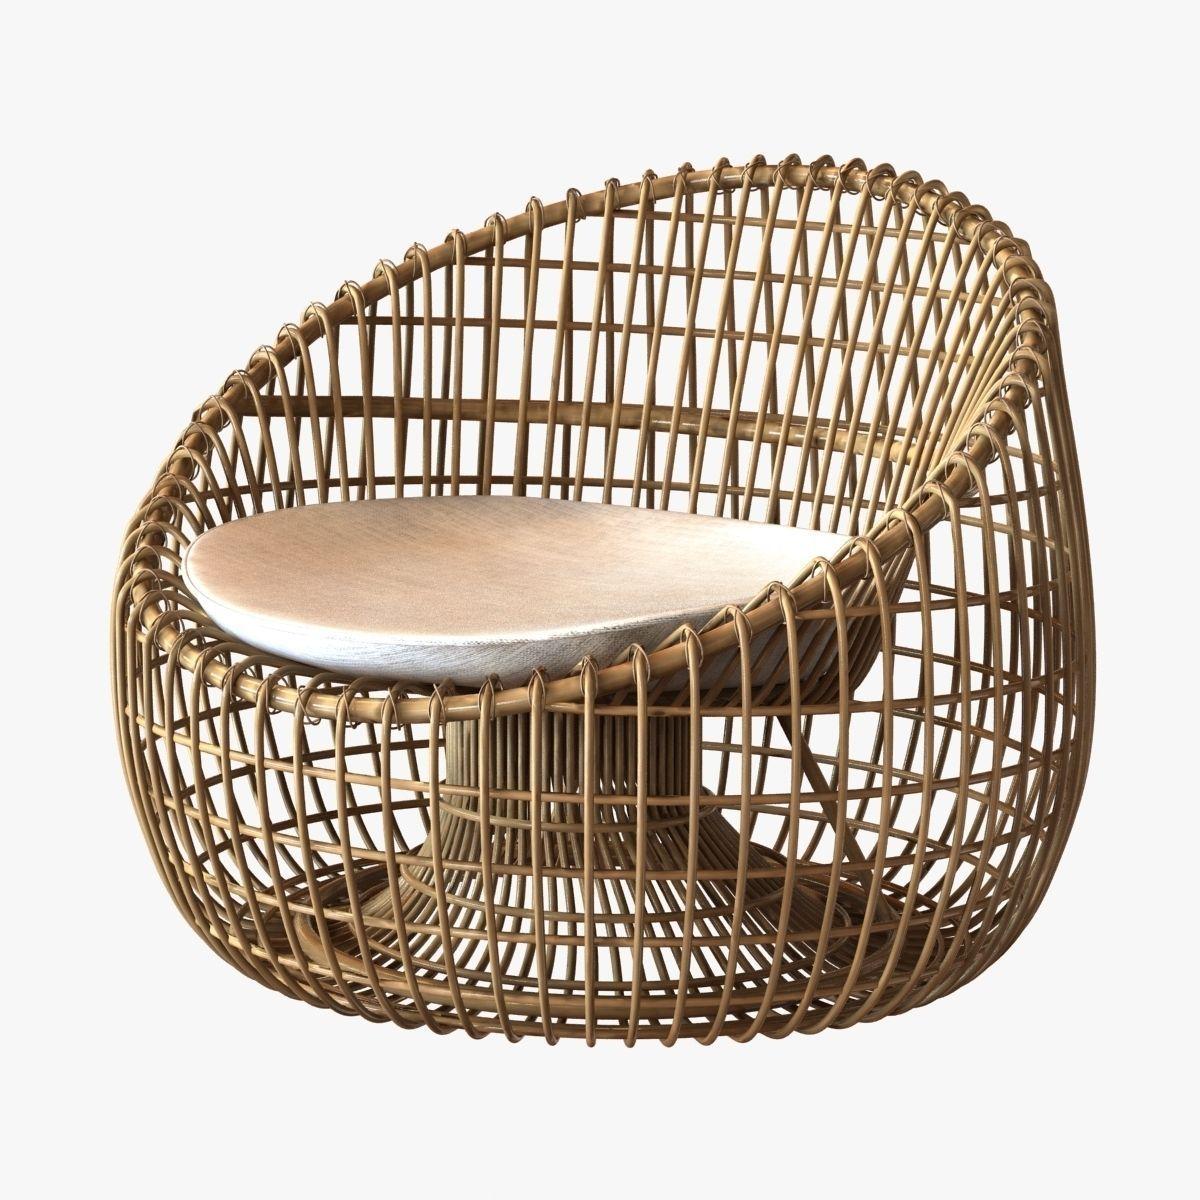 cane line nest lounge chair 3d model max obj 3ds fbx mtl 1